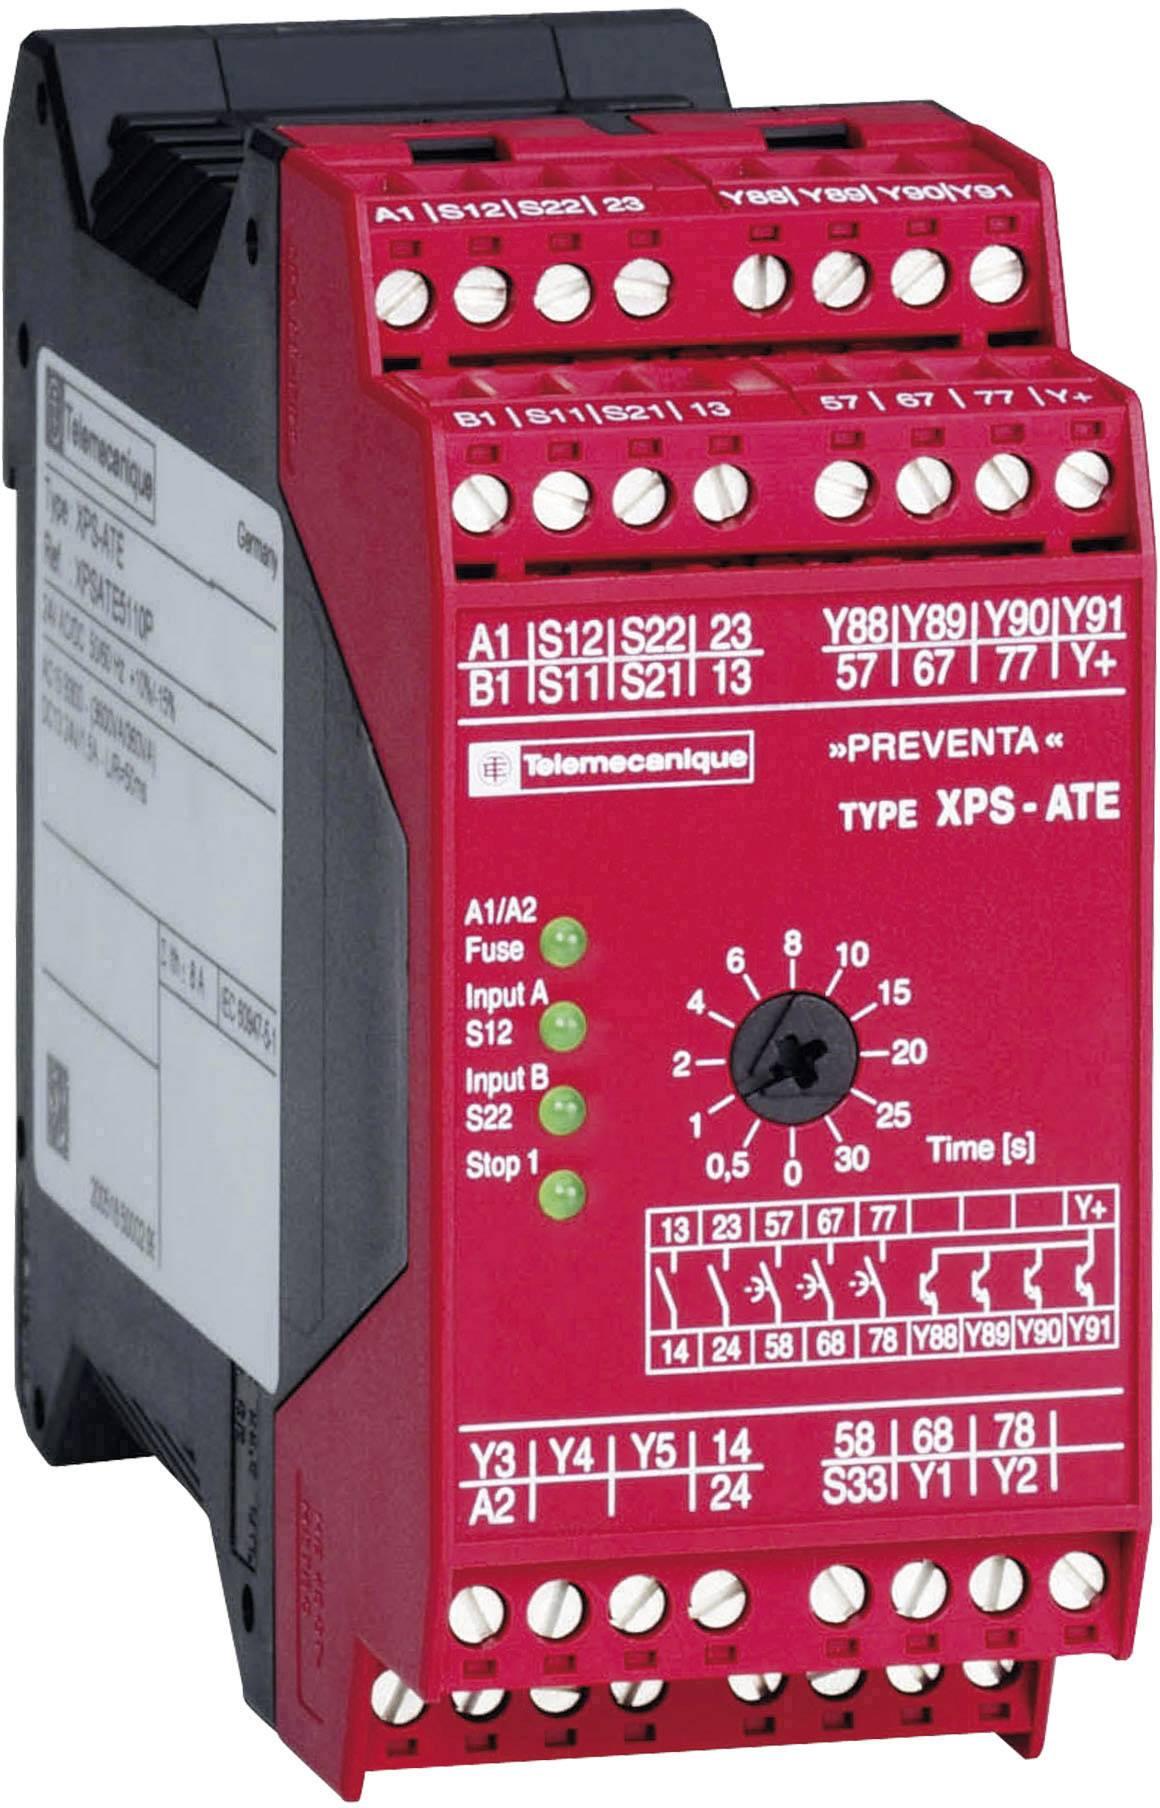 Ochranné relé Schneider Electric XPSATE5110, XPSATE5110, 24 V/DC, 24 V/AC, 5 spínacích kontaktů